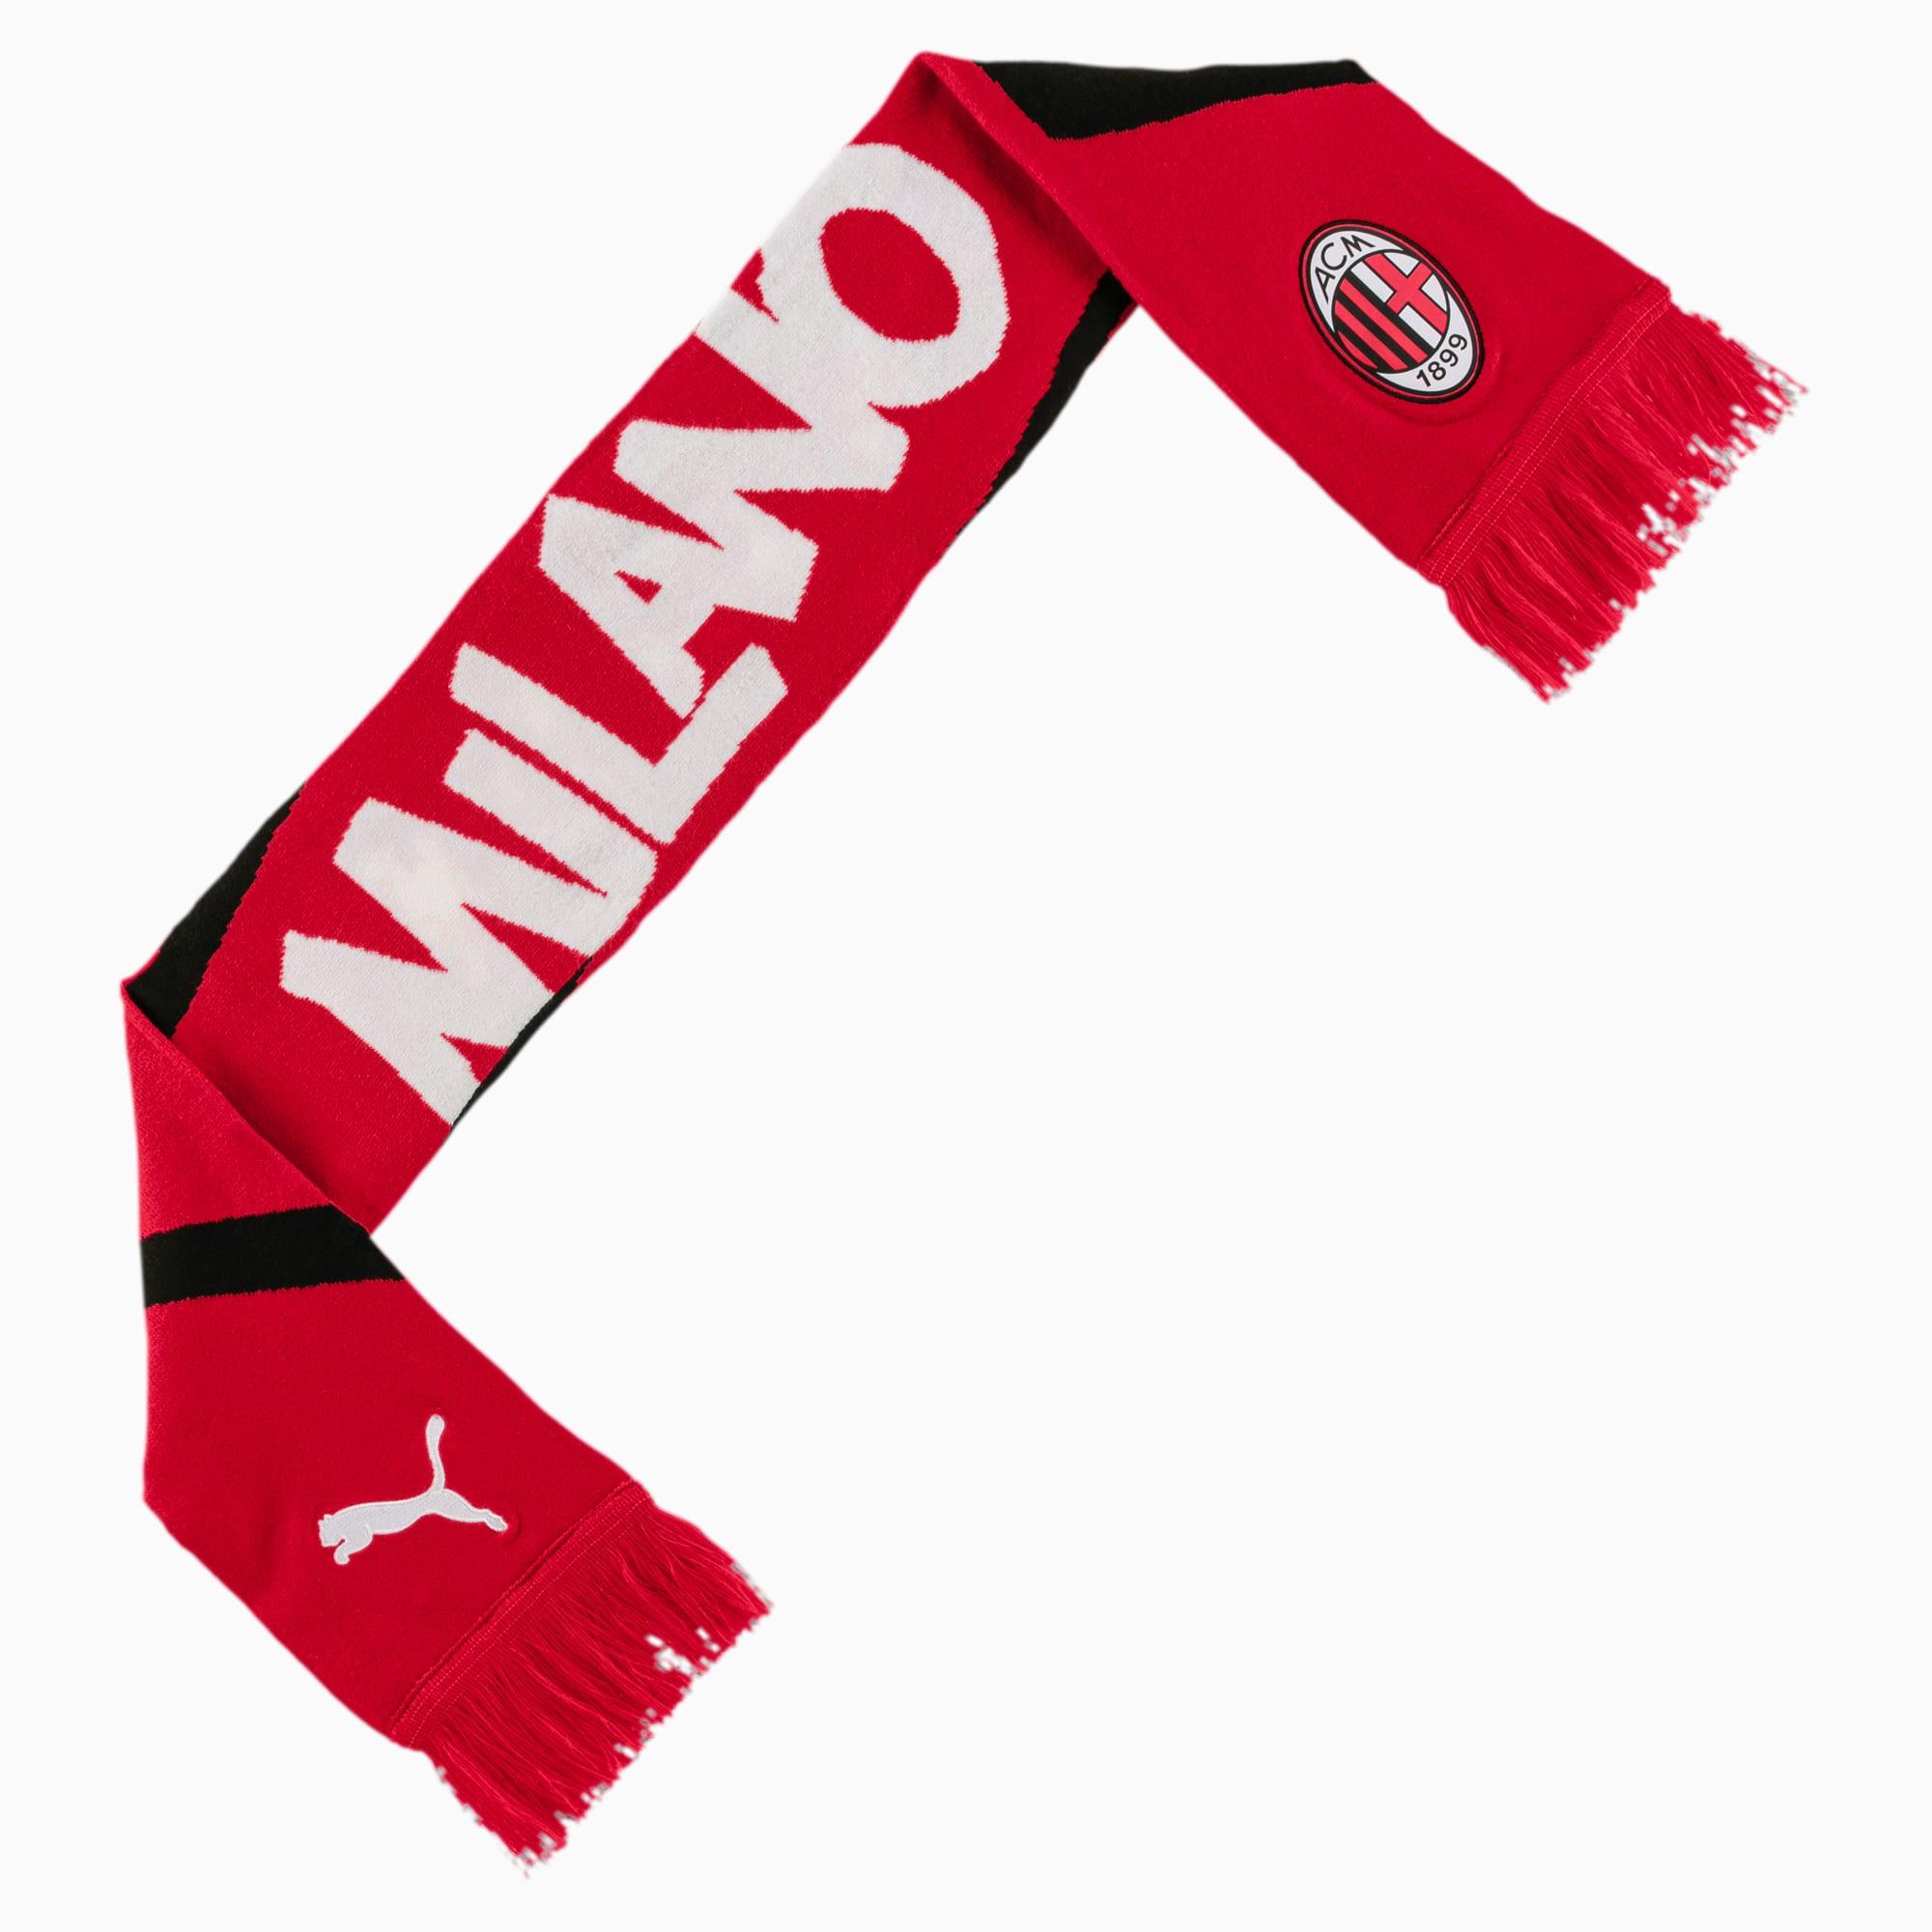 Écharpe ac milan ftblculture football fan, rouge/noir, vêtements